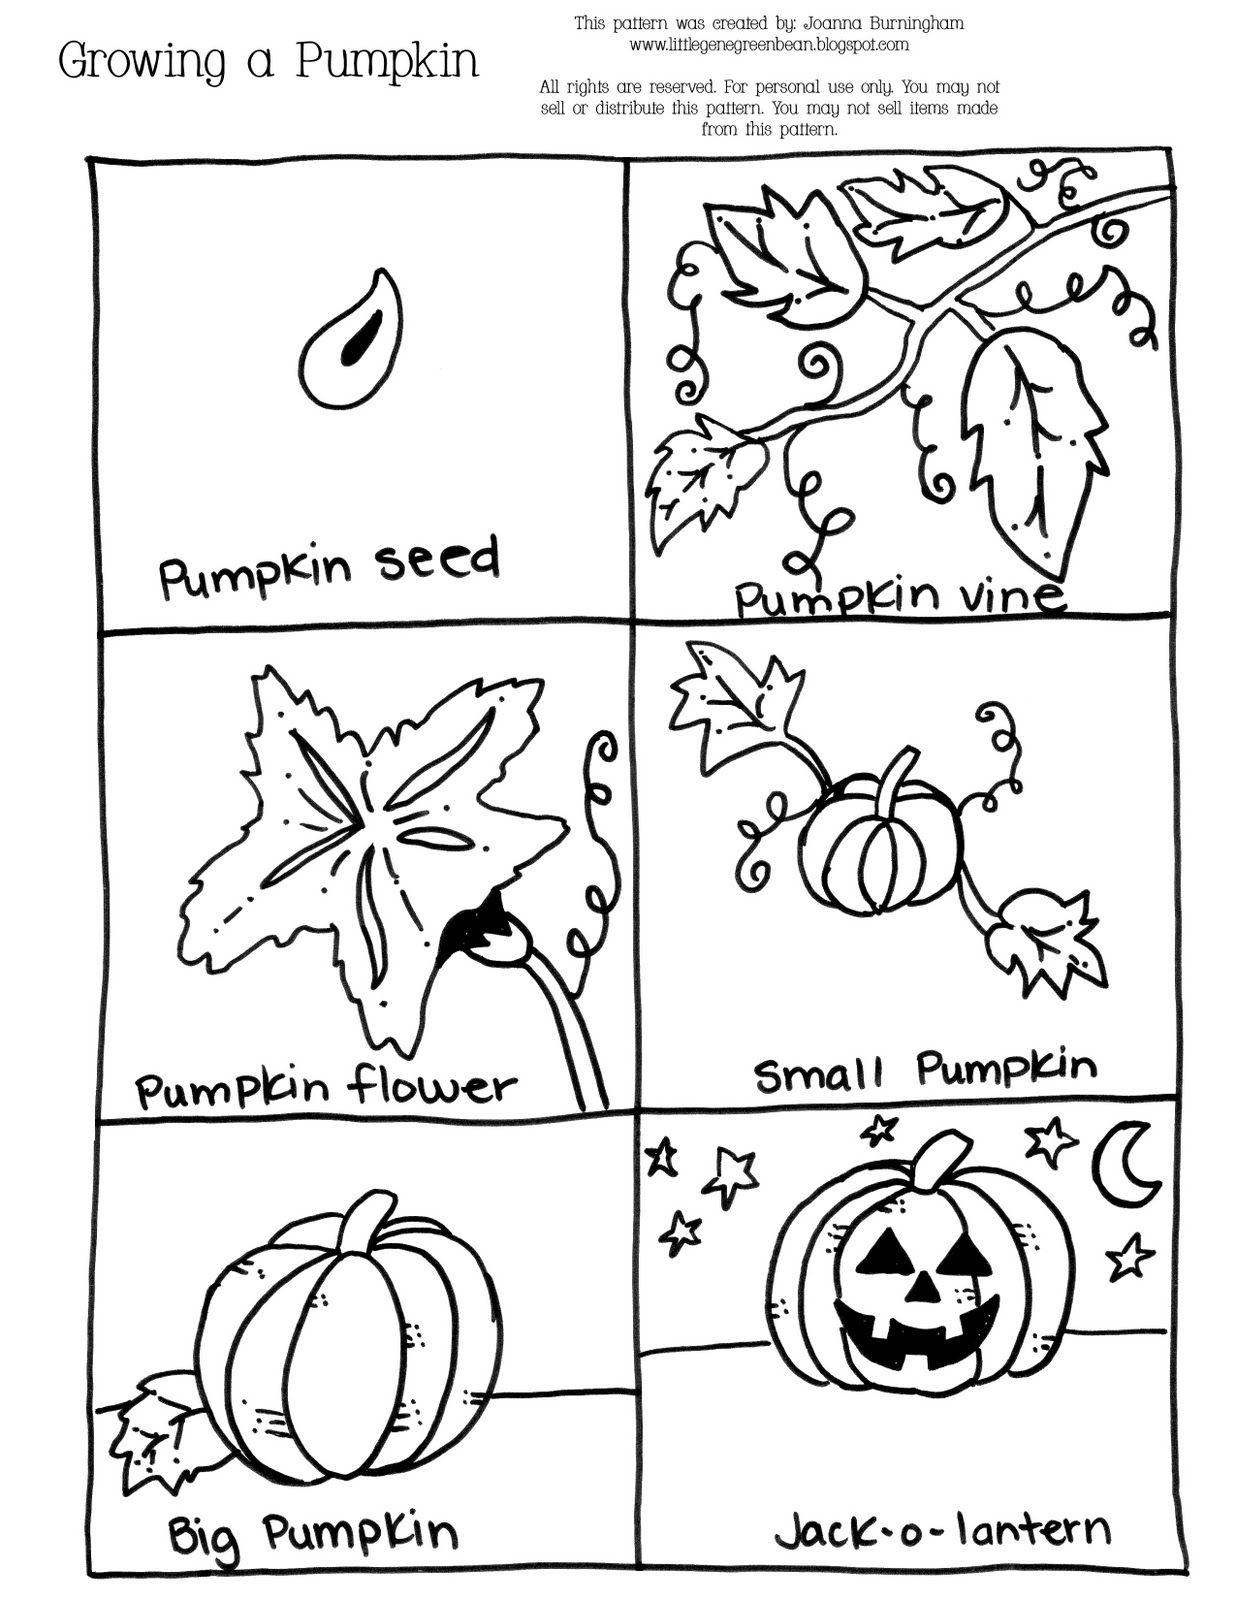 Growing A Pumpkin Jpg 1 236 1 600 Pixels Sequencing Worksheets Kindergarten Worksheets Preschool Worksheets [ 1600 x 1236 Pixel ]